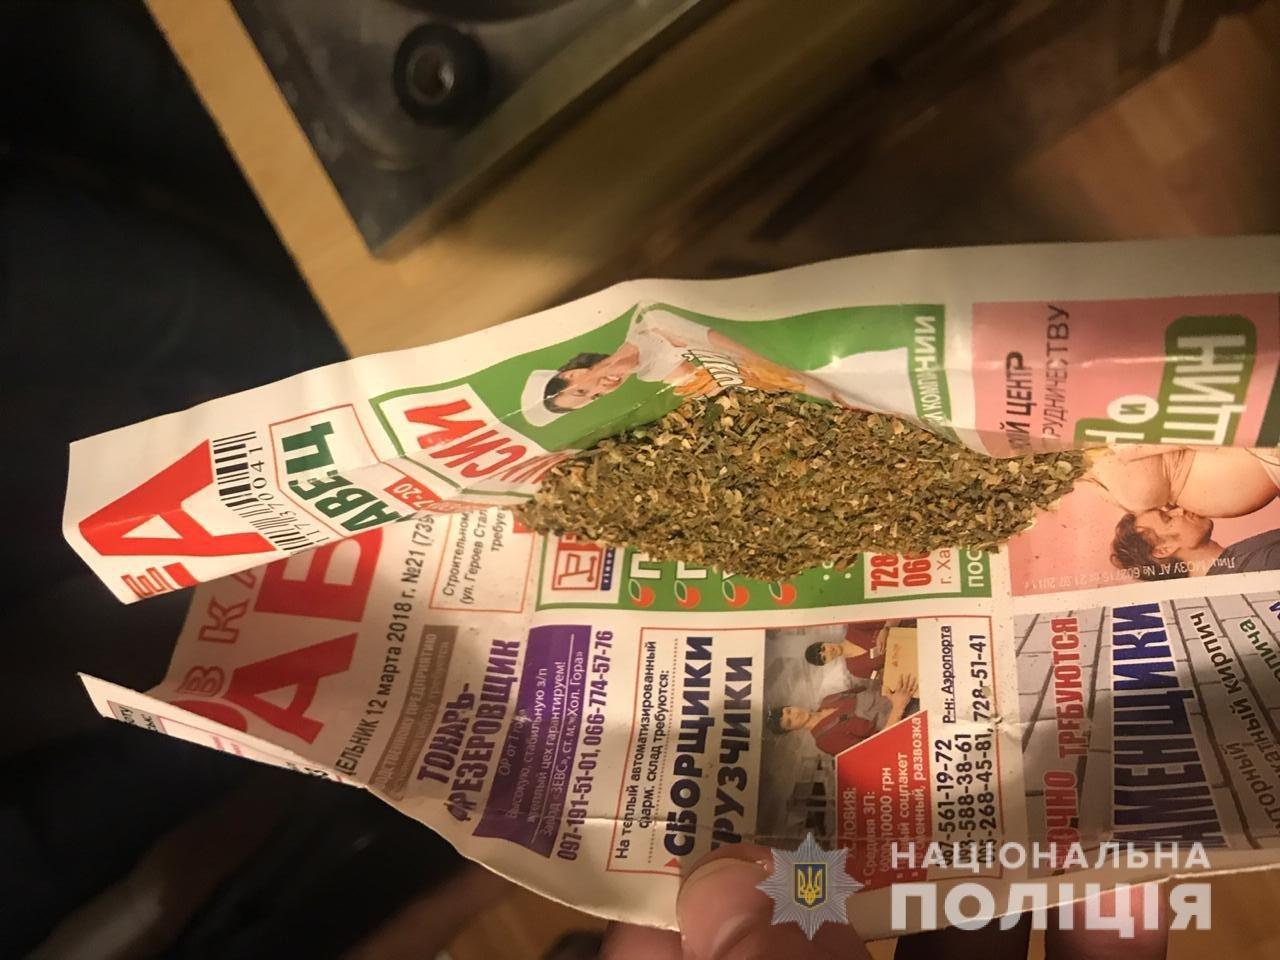 Более 100 килограмм конопли и гашиша. В Харькове «накрыли» наркогруппировку, - ФОТО, фото-4